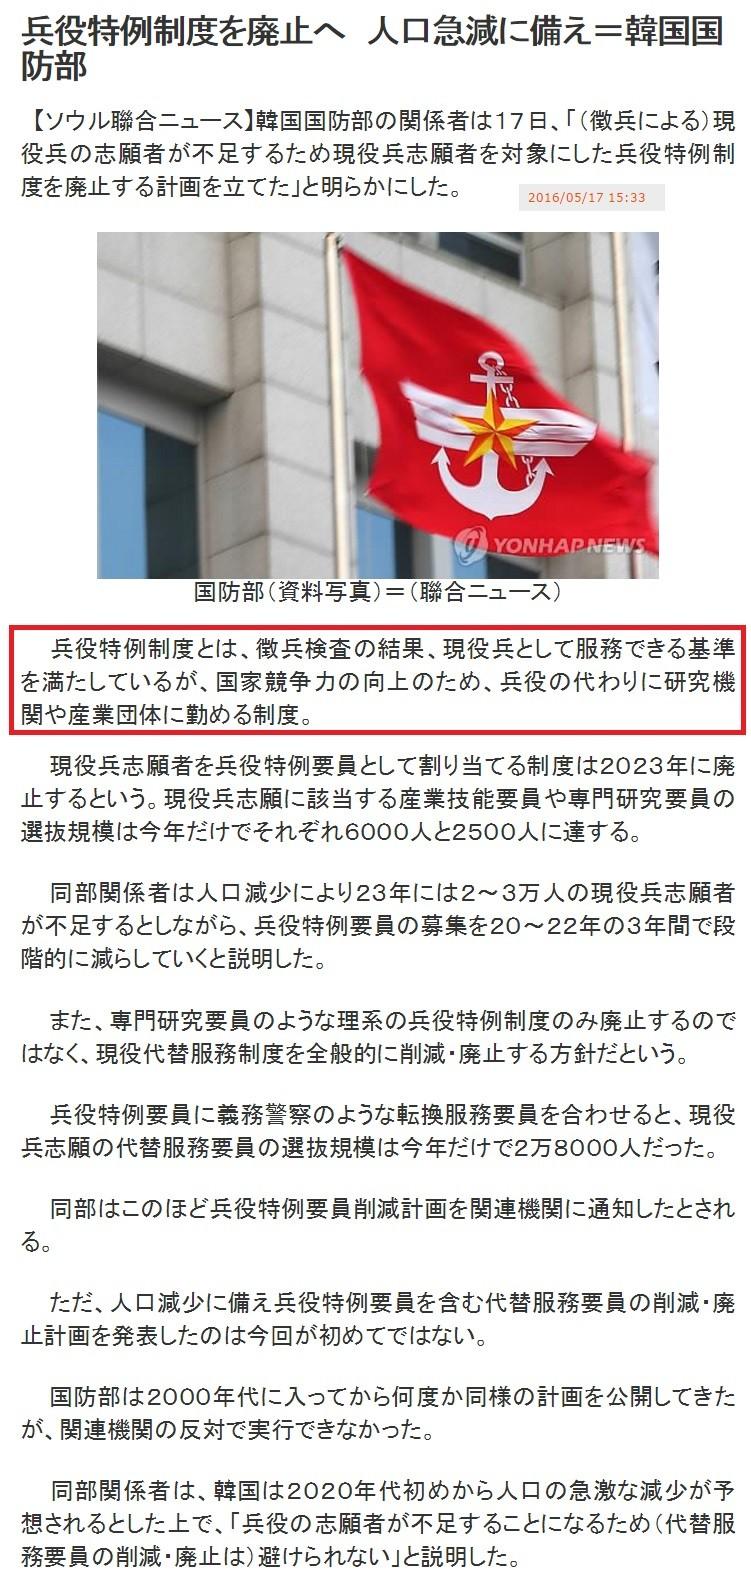 チョン国軍兵役特例制度を廃止